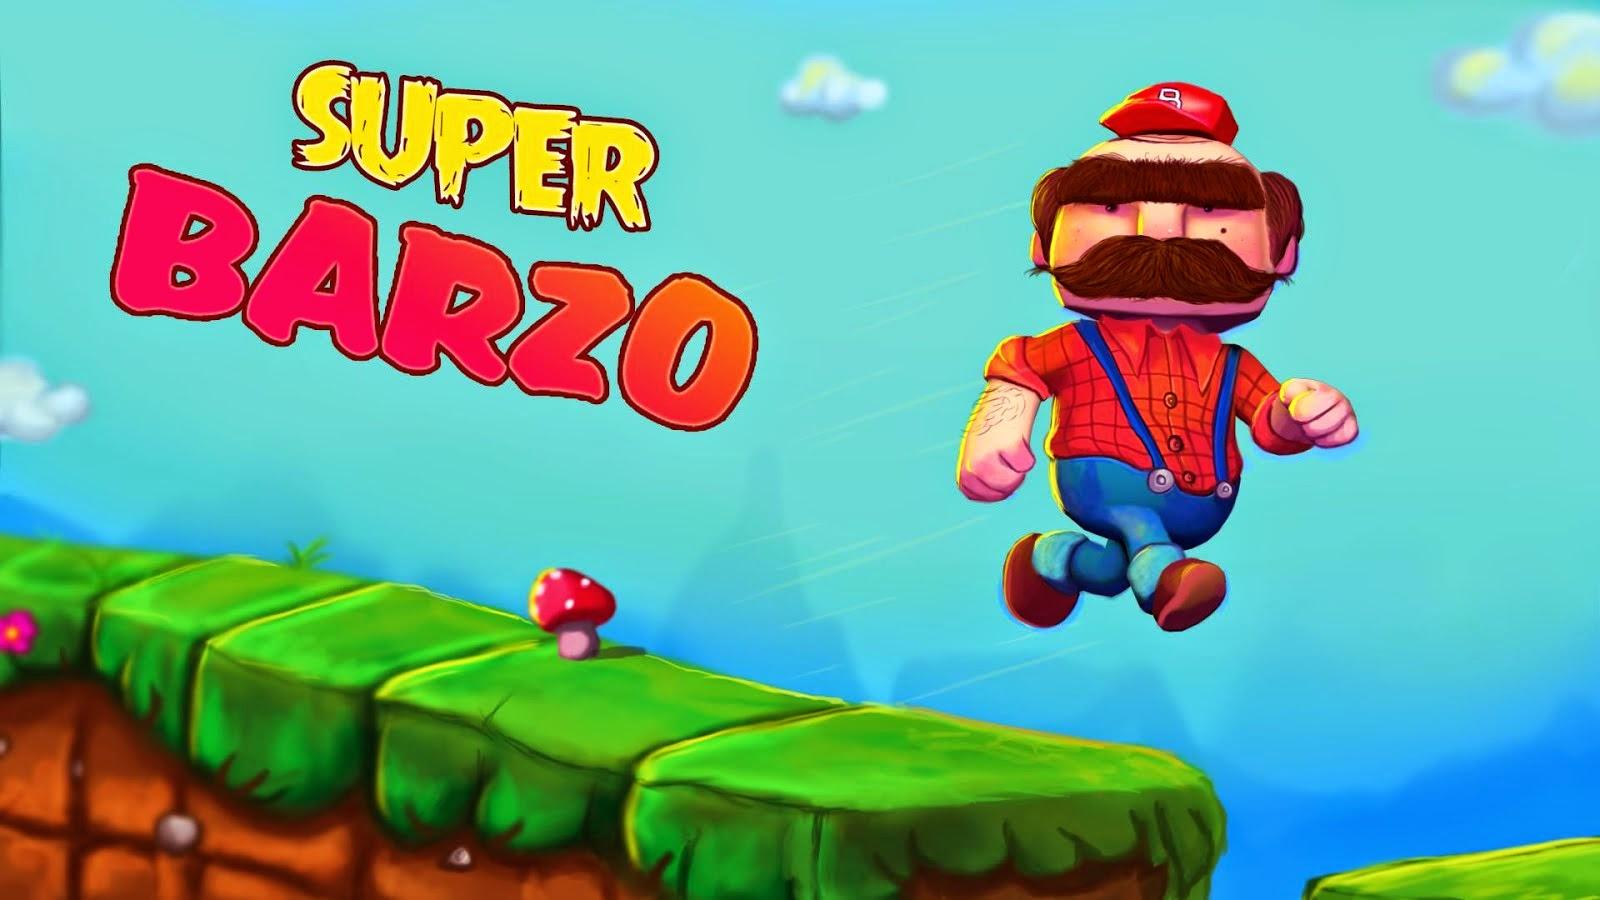 Super Barzo